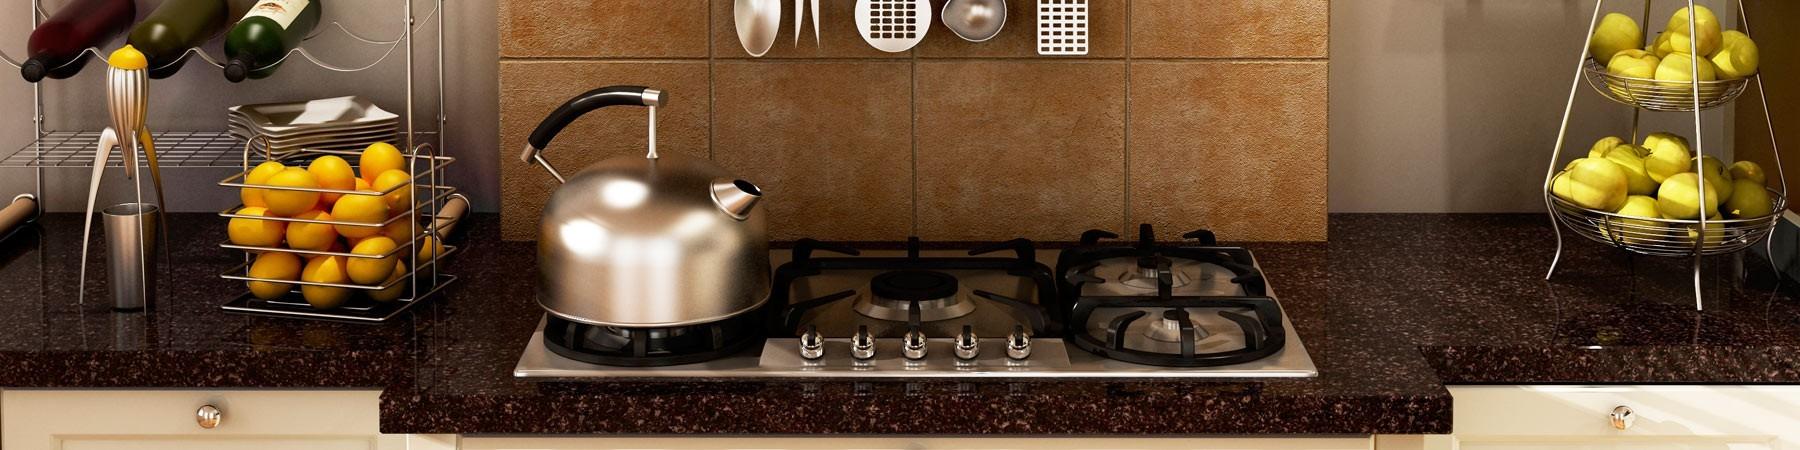 Bếp từ nấu phòng bếp gia đình chính hãng.Giá rẻ